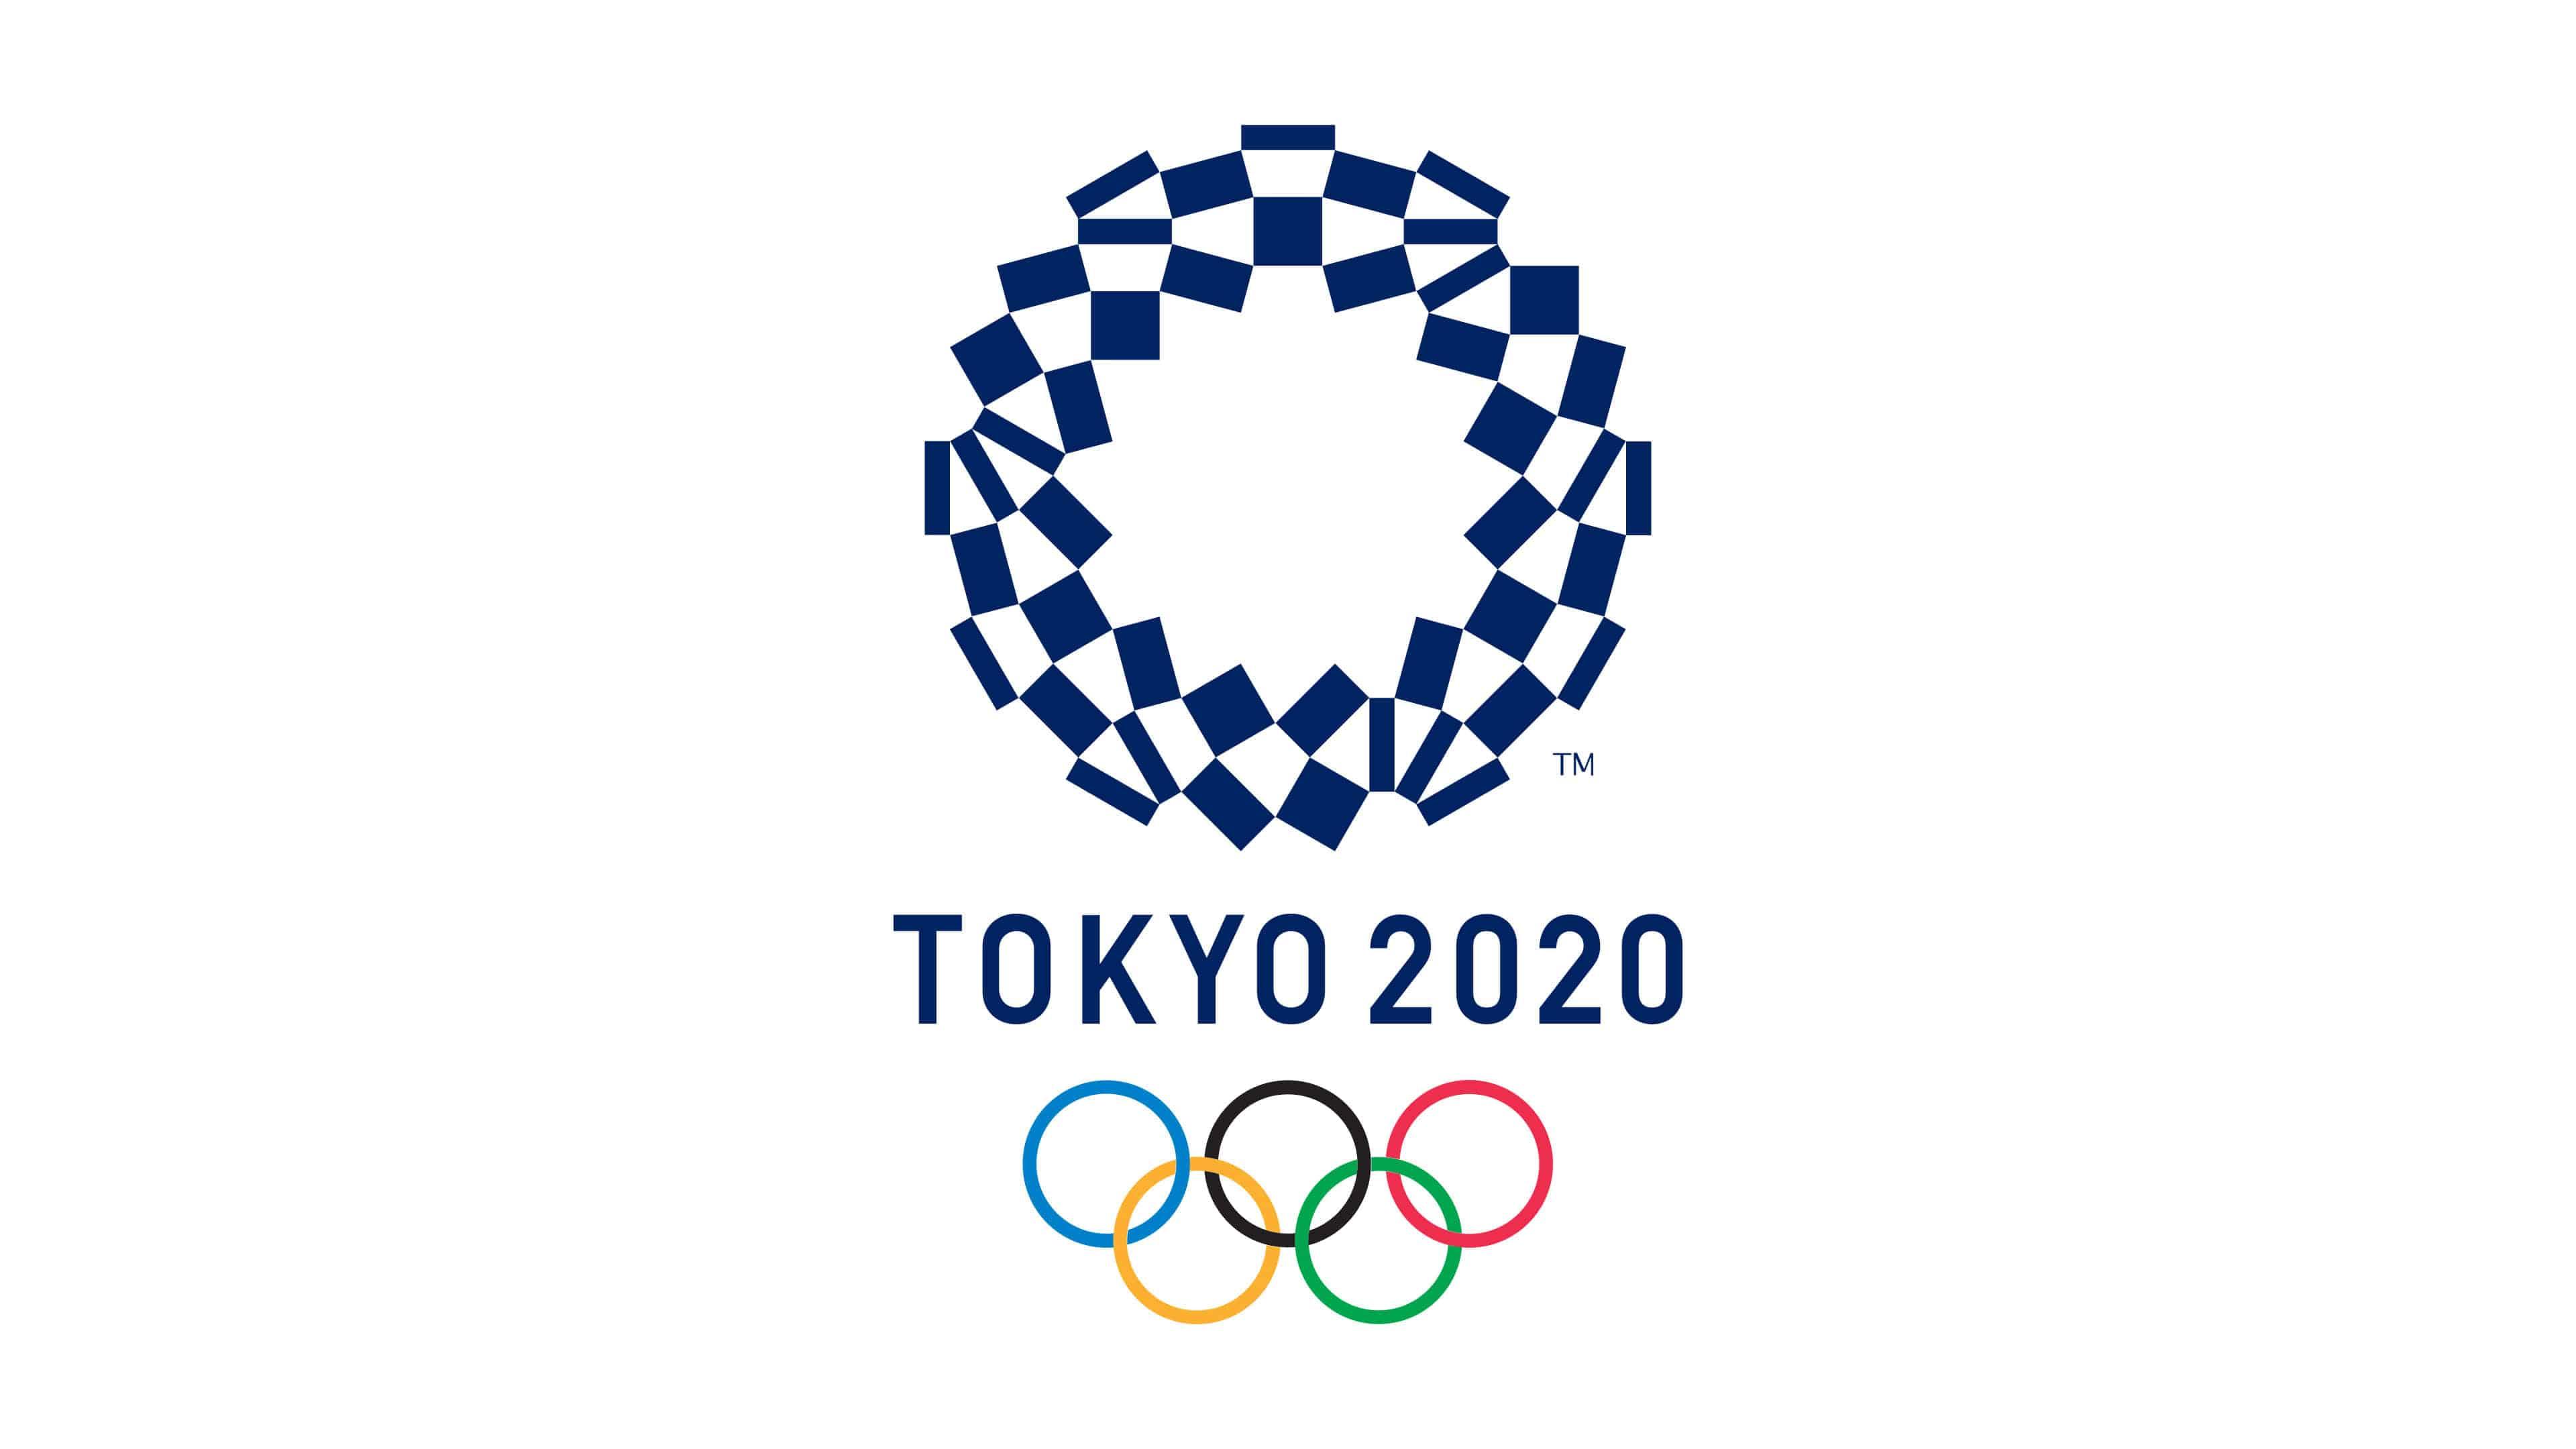 tokyo 2020 summer olympics logo uhd 4k wallpaper